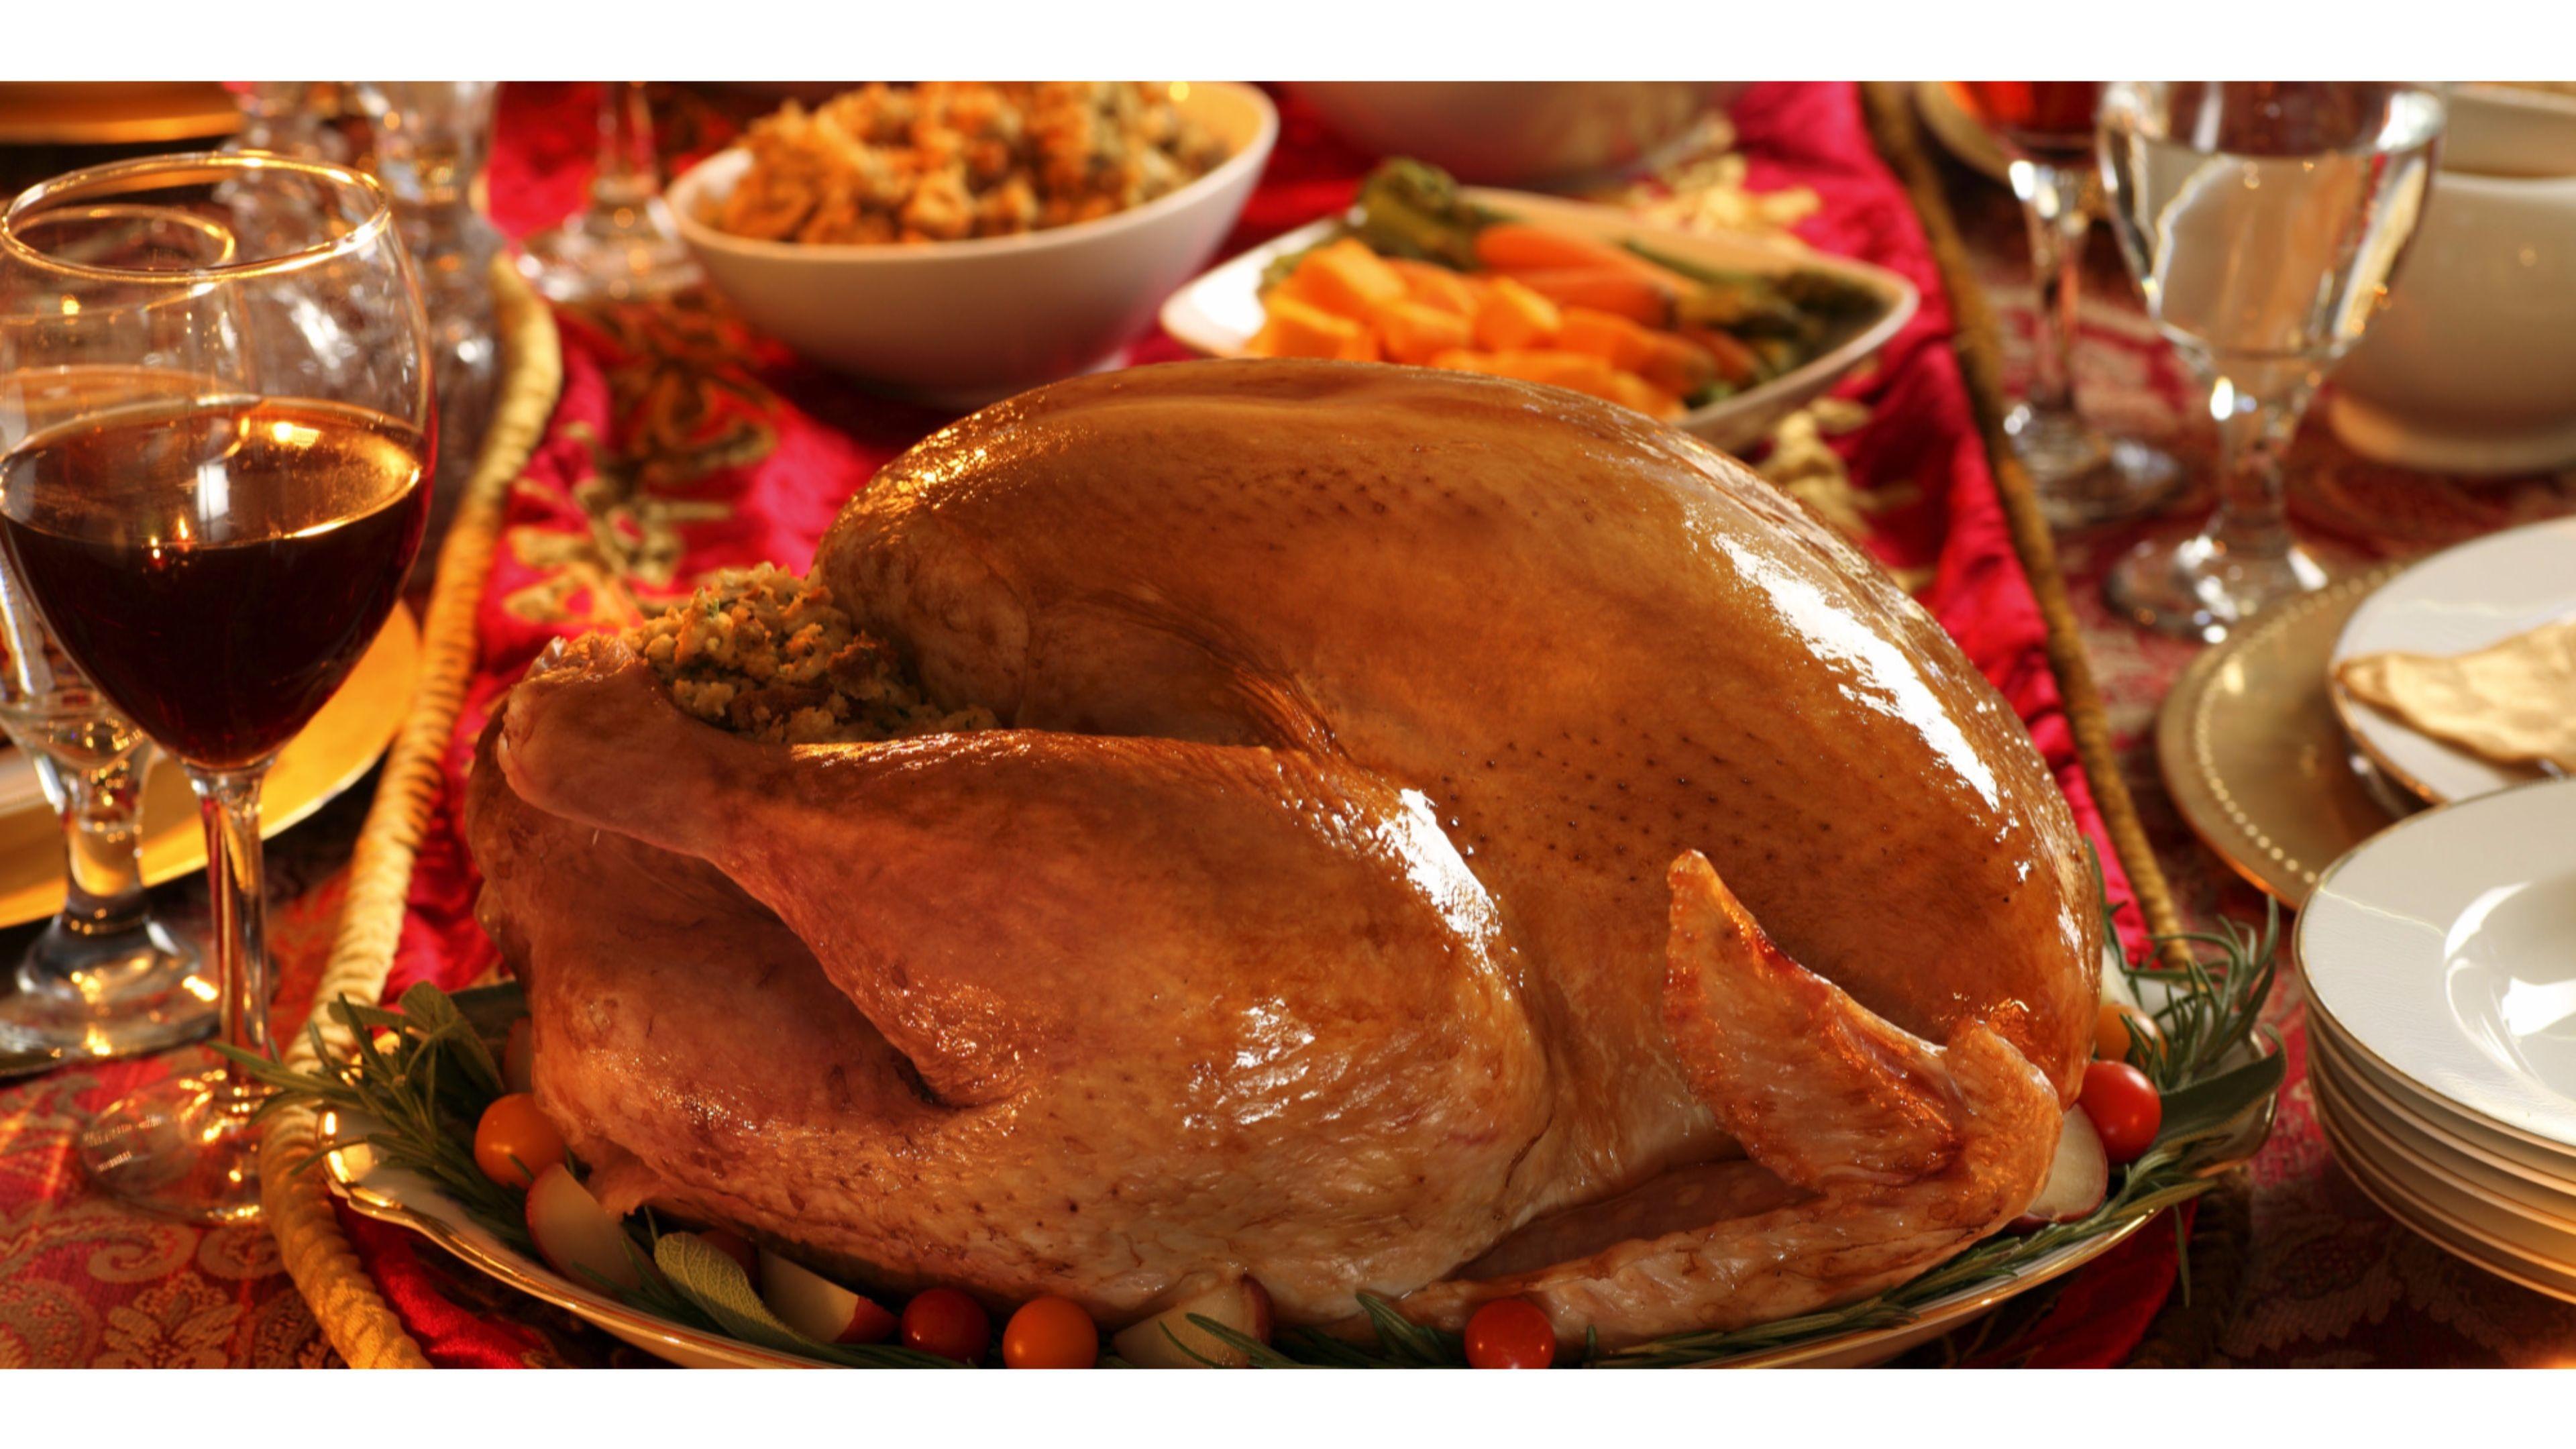 Turkey Dinner Happy Thanksgiving 4k Wallpaper   Data-src - Thanksgiving Menus Restaurant Specials - HD Wallpaper